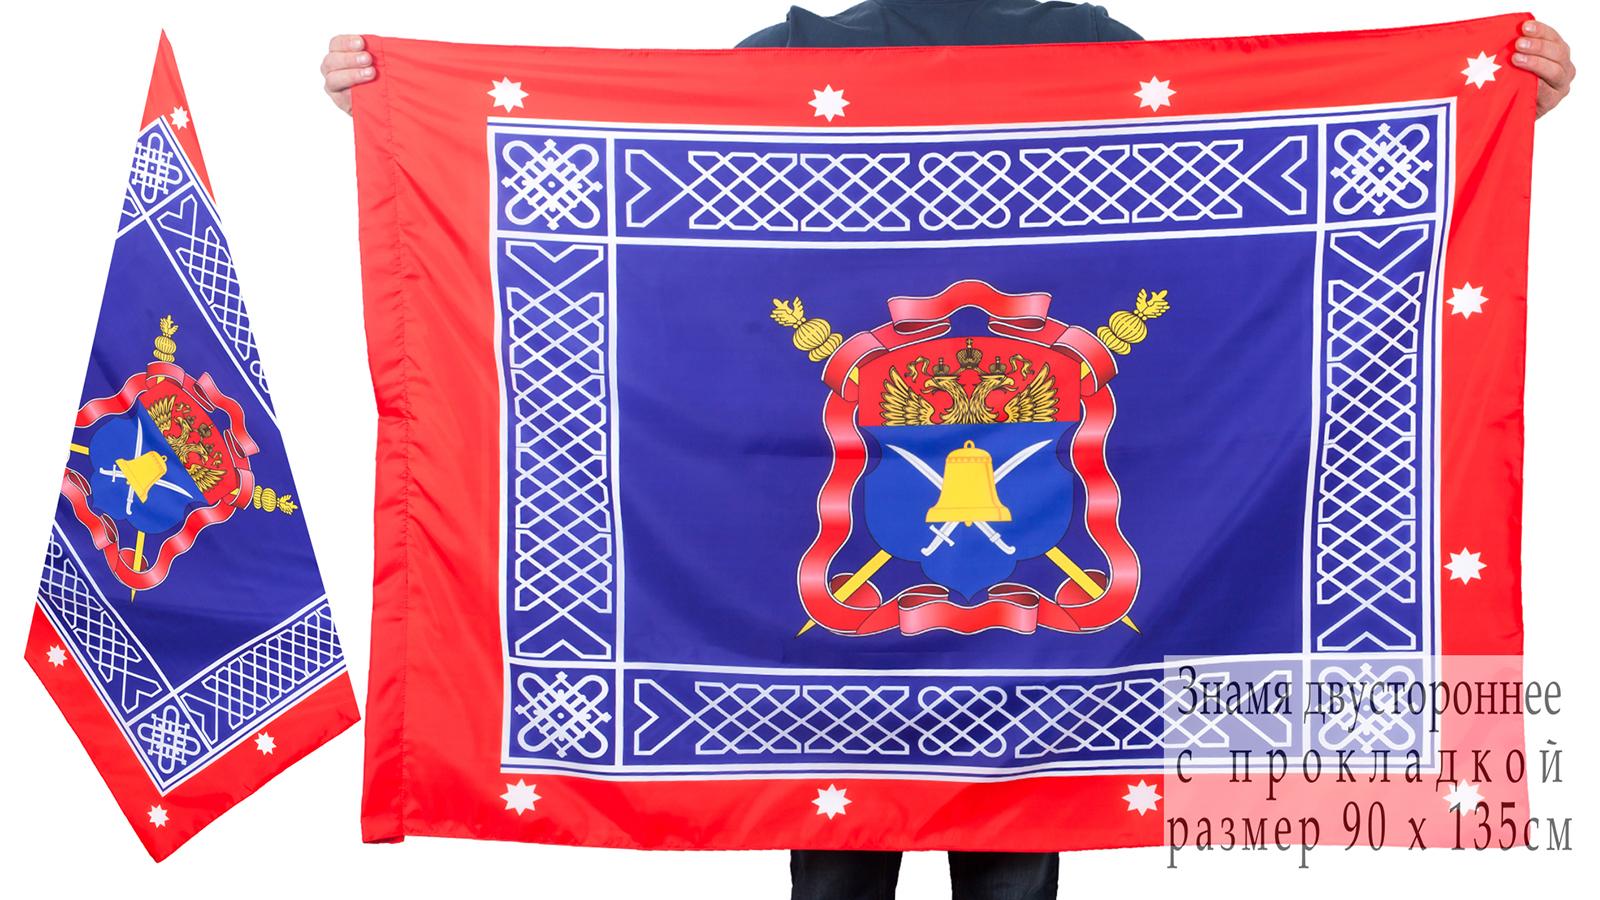 Двухстороннее знамя Волжского казачьего войска